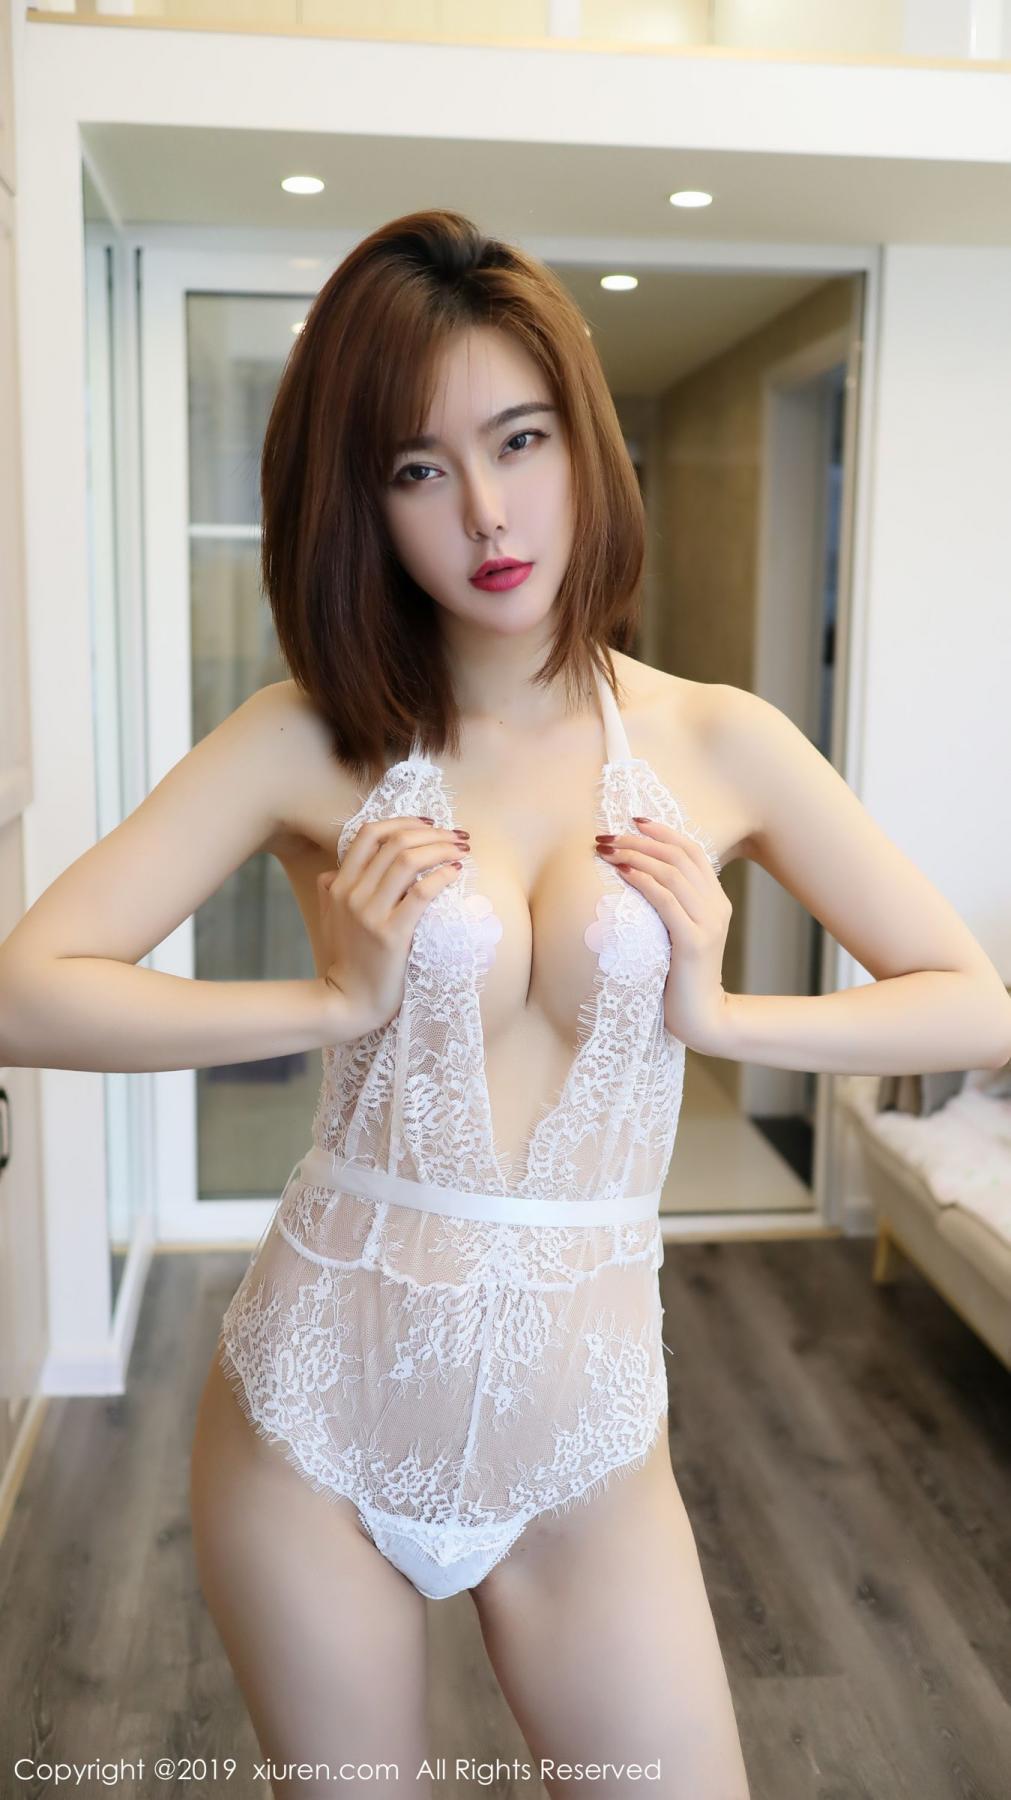 [XiuRen] Vol.1632 Yomi 2P, Underwear, Xiuren, Yomi